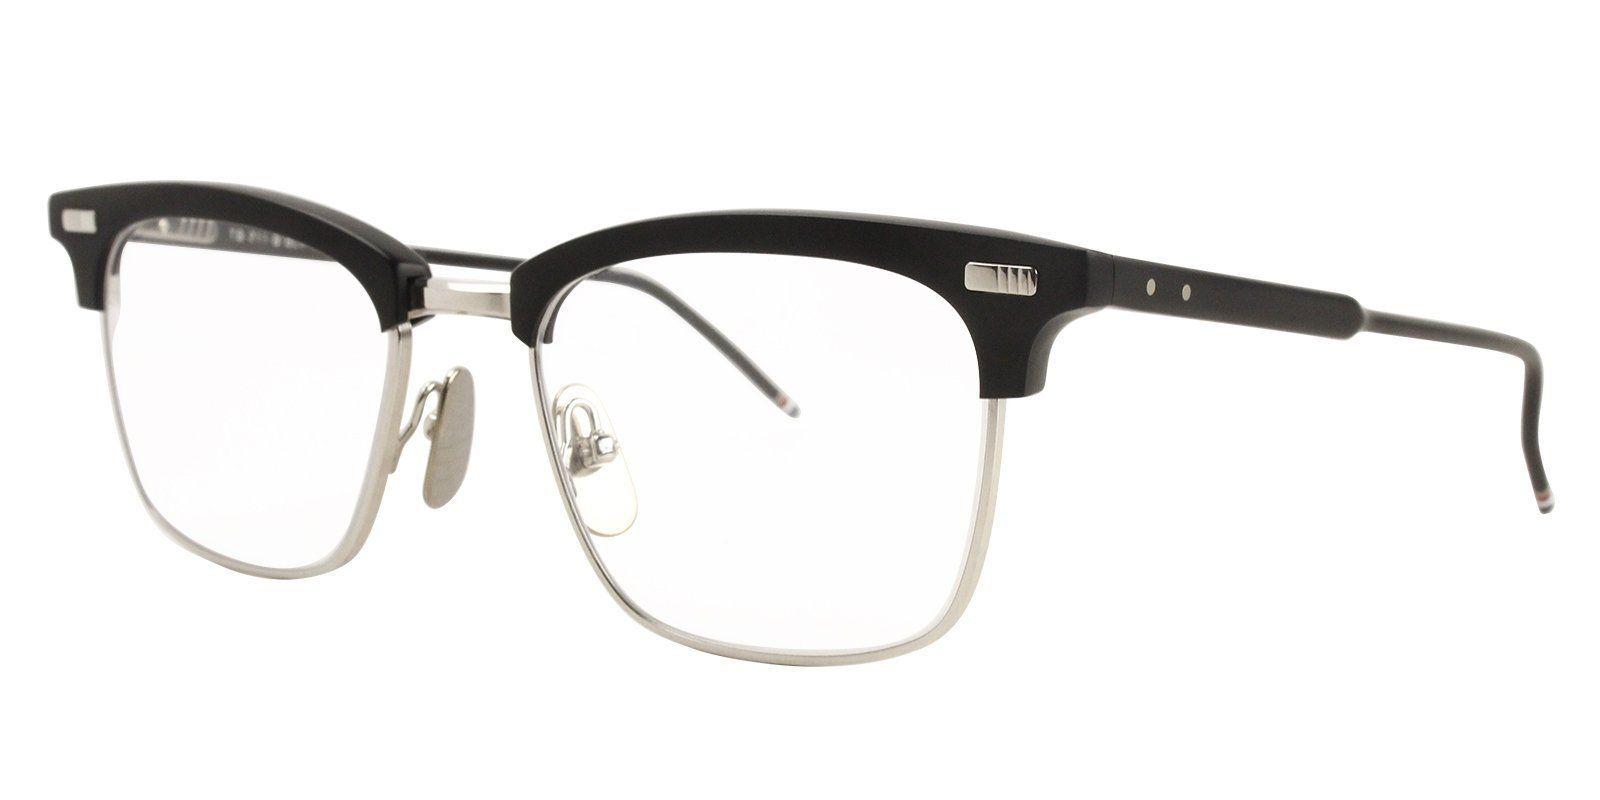 dfd87a155209 Thom Browne - TB711B Silver eyeglasses